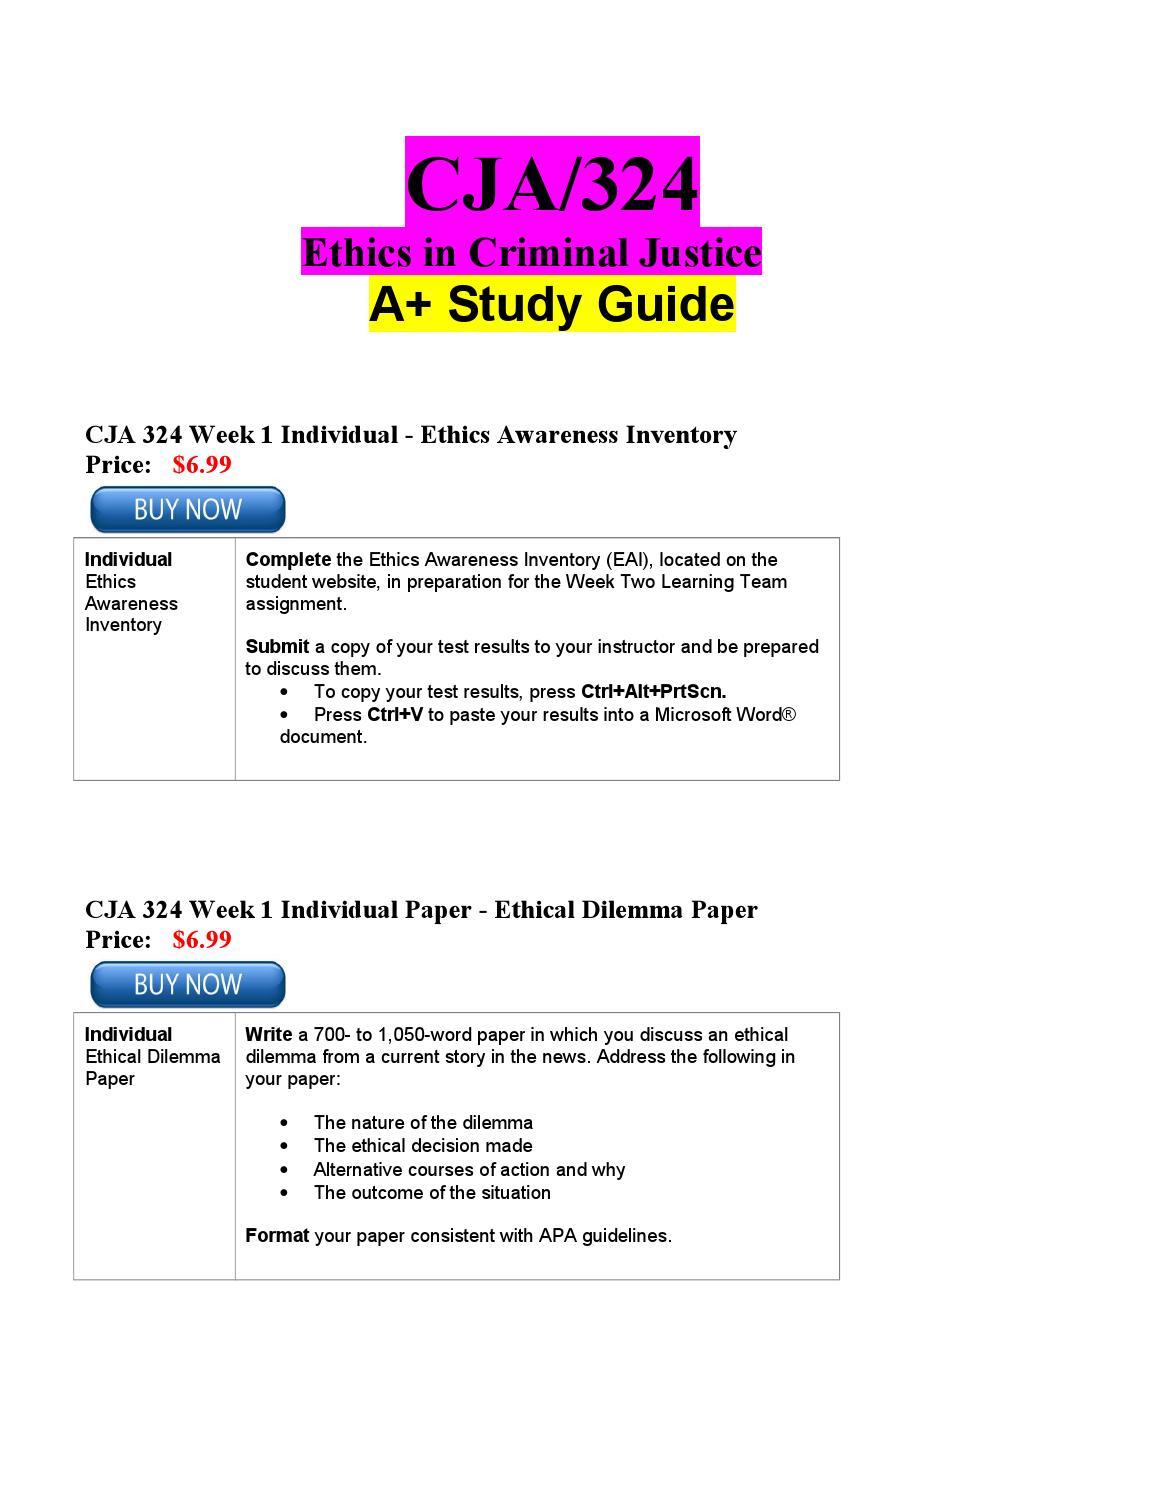 cja 324 week 1 individual paper